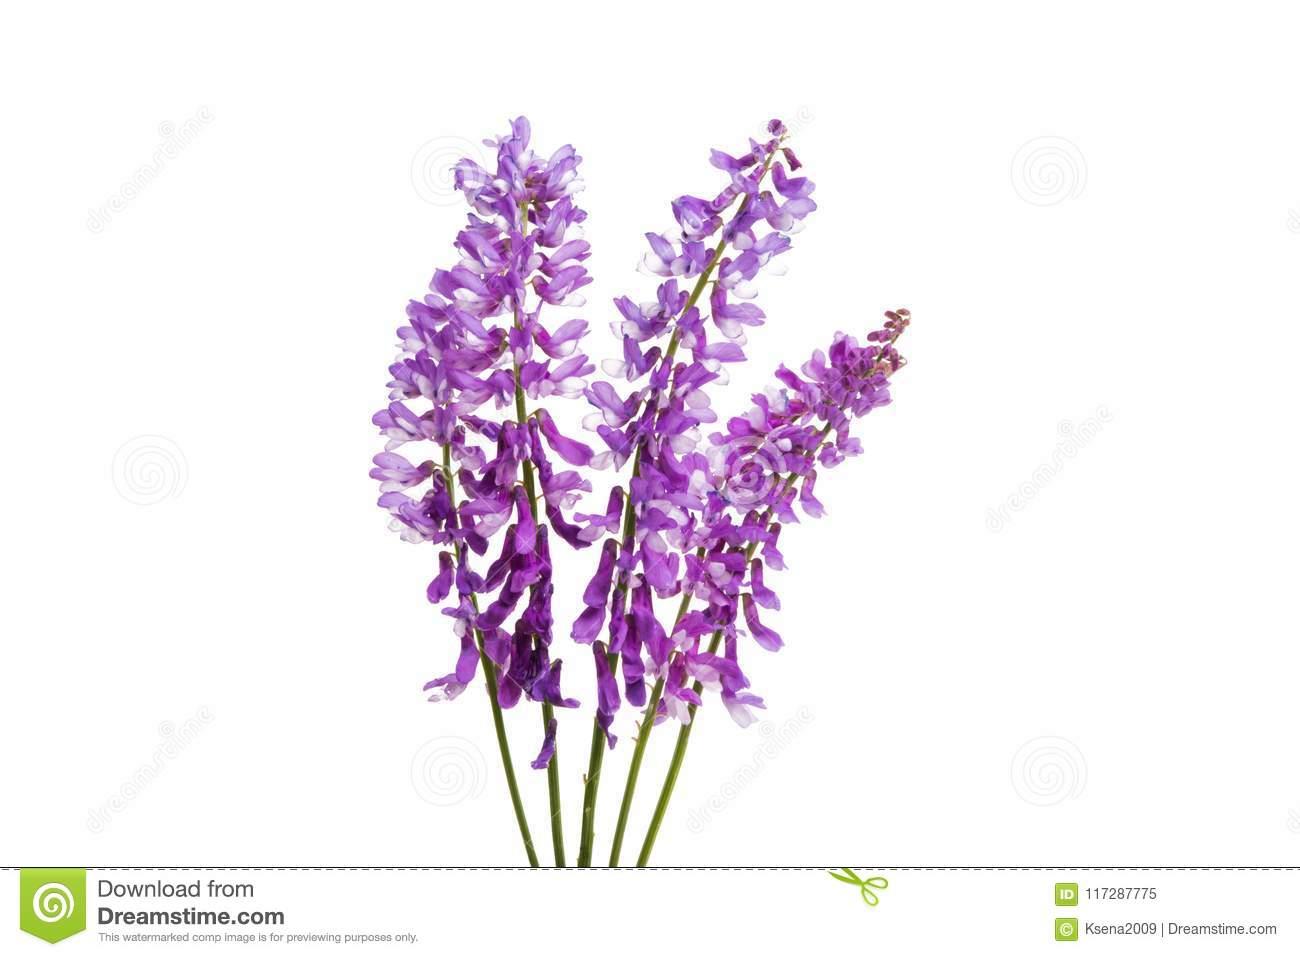 Lila Wiesenblume Stockbild. Bild Von Weiß, Nahaufnahme über Wiesenblume Violett